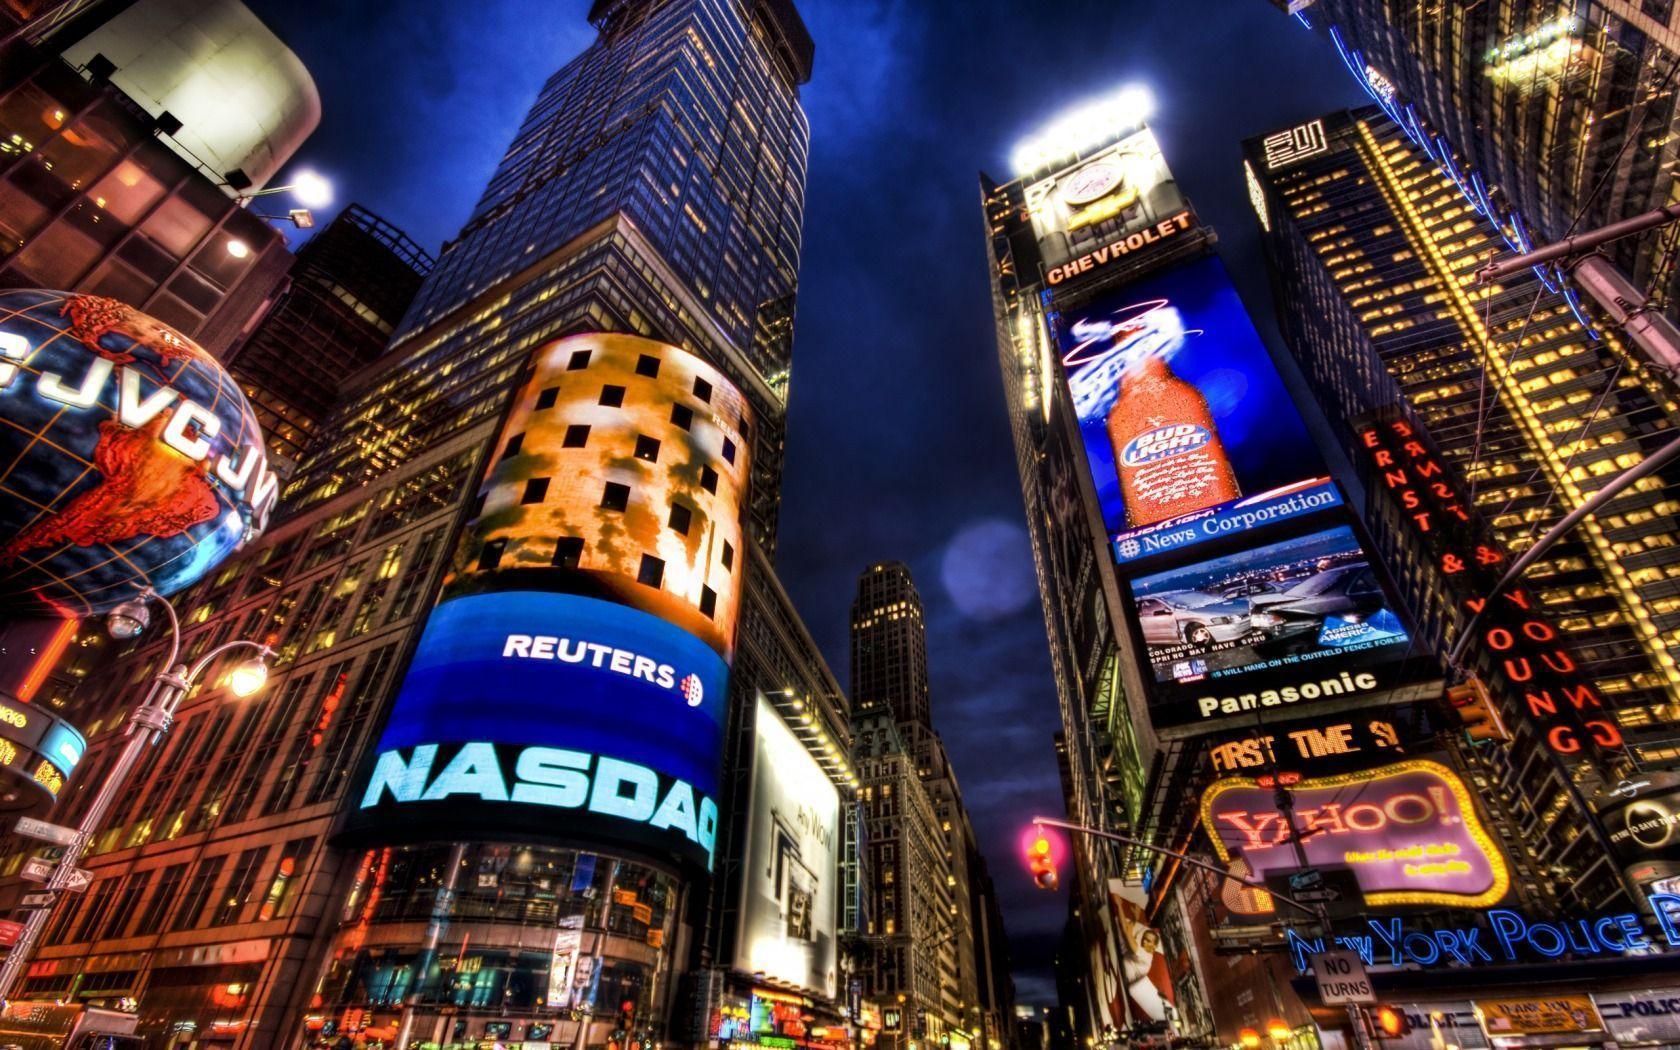 New York City Wallpaper Widescreen 2013